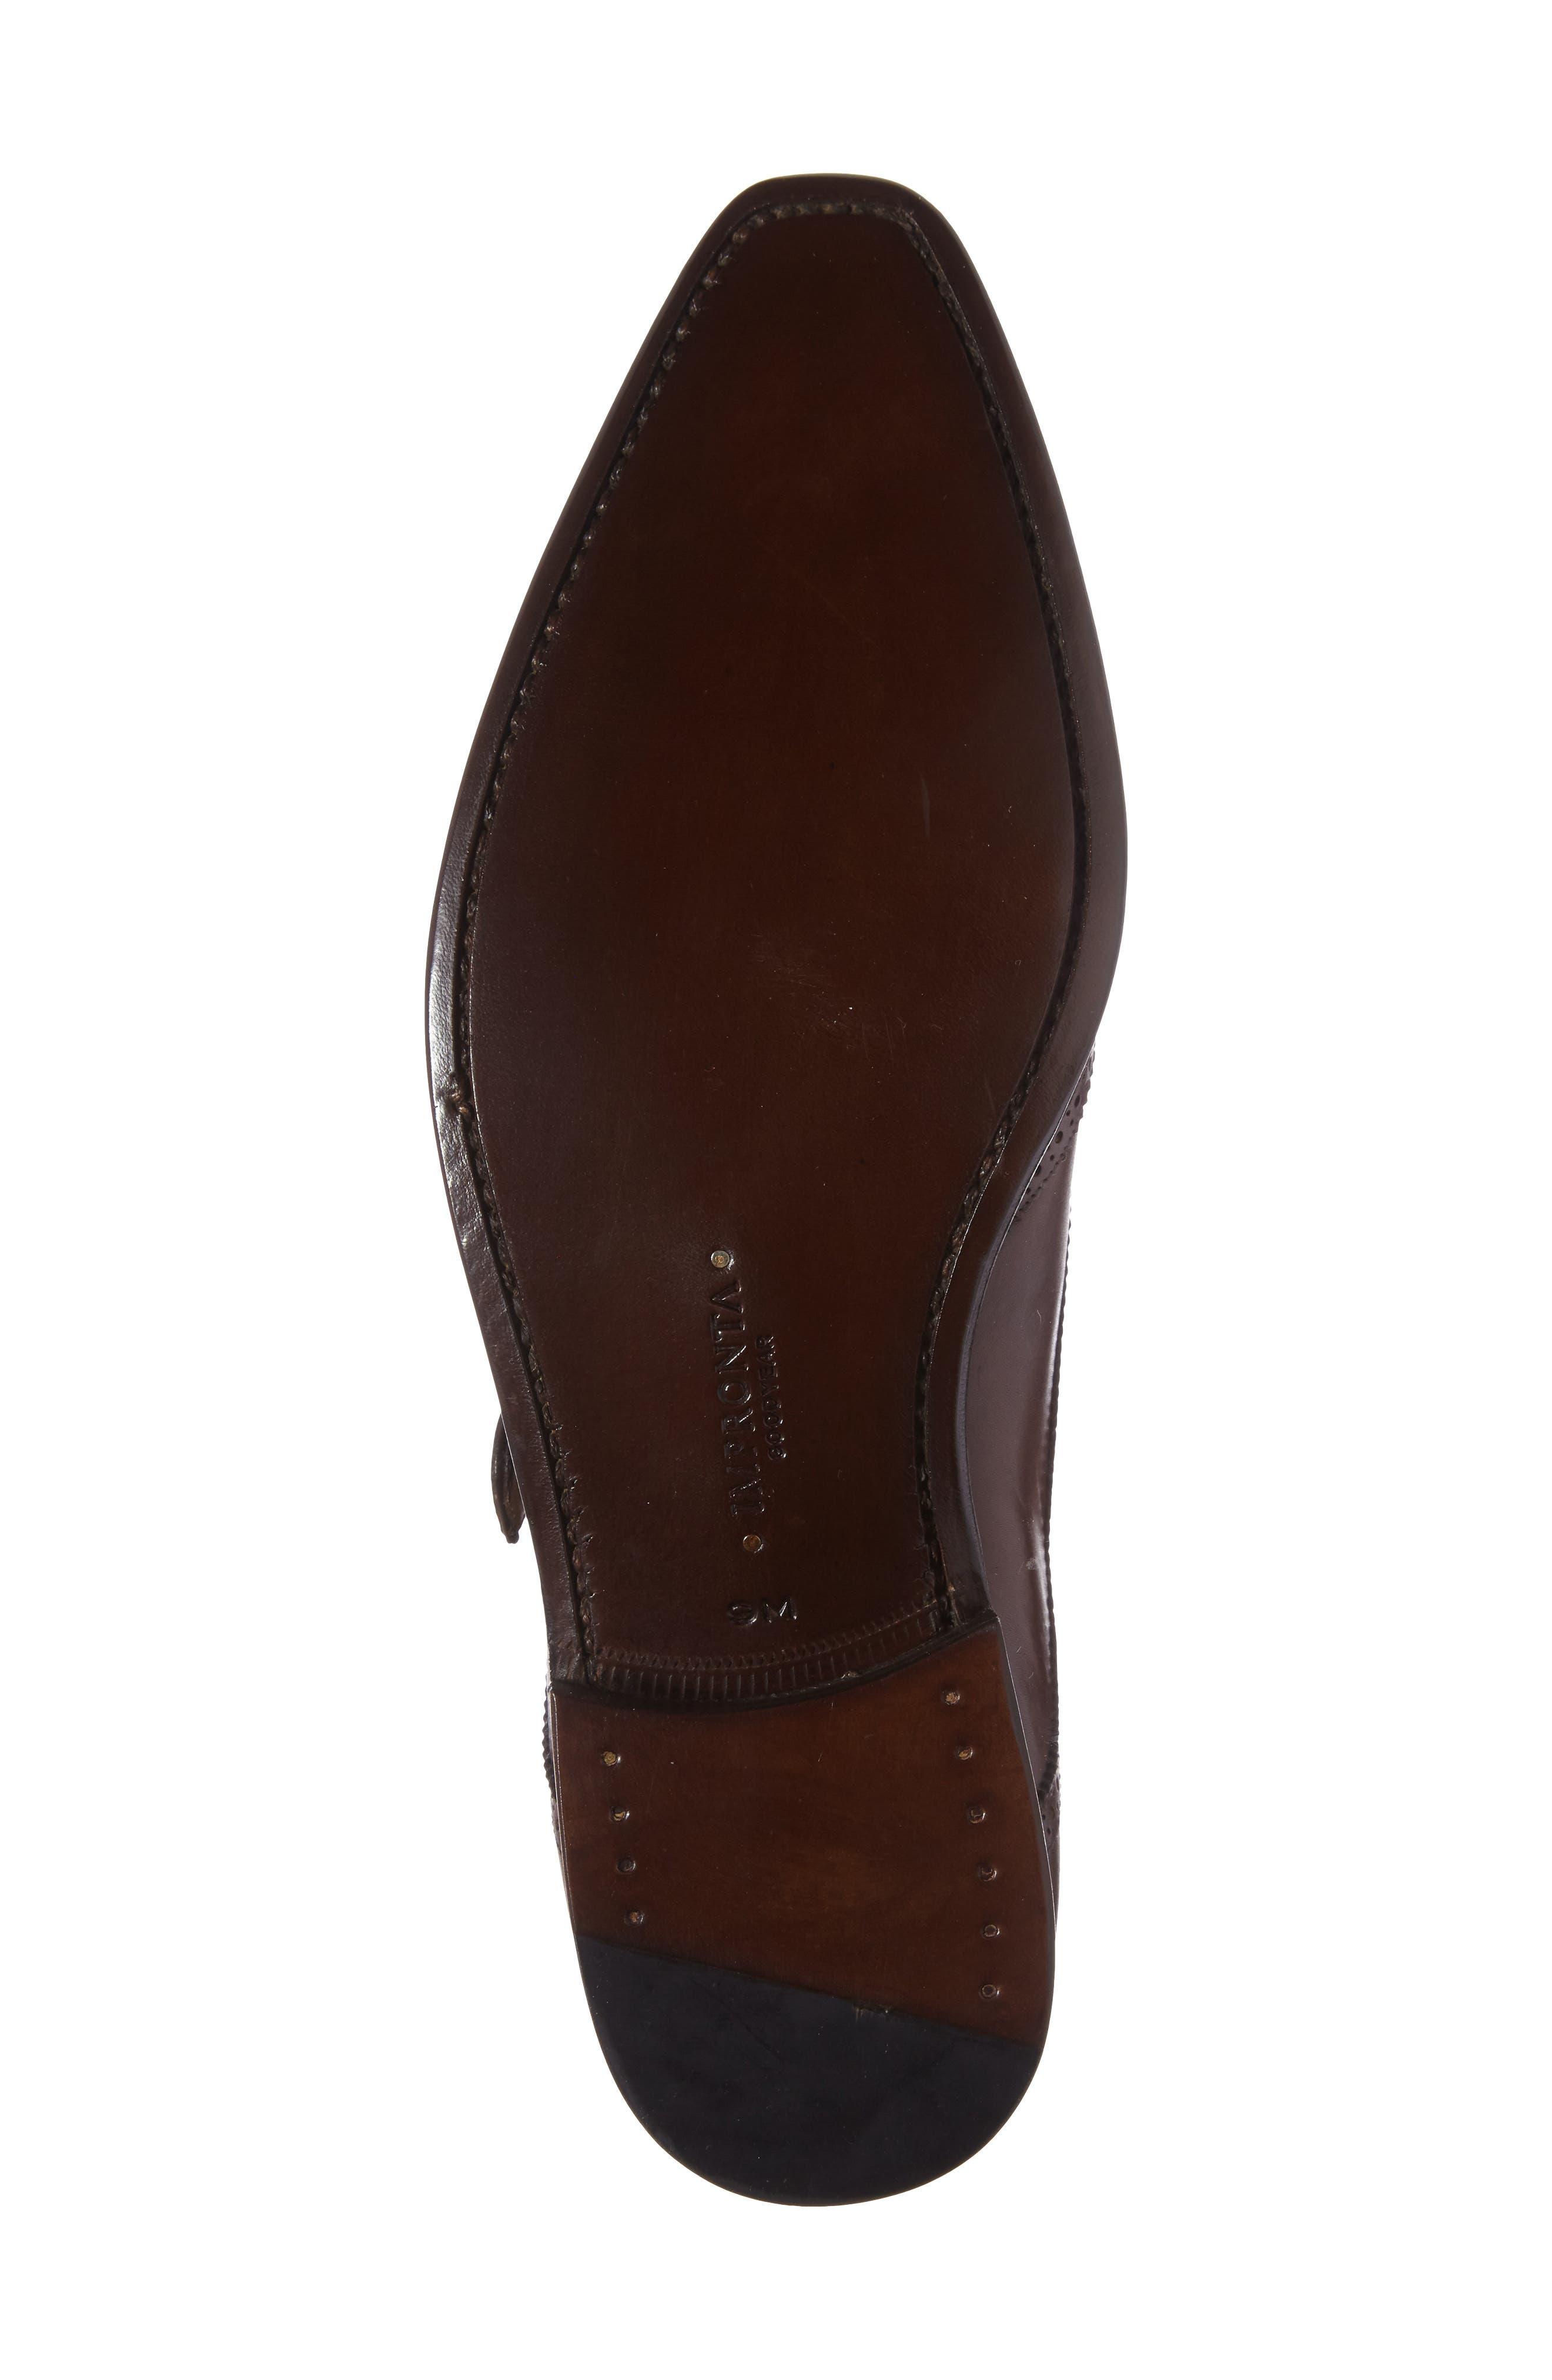 Alternate Image 4  - Impronta by Mezlan G121 Wingtip Monk Strap Shoe (Men)